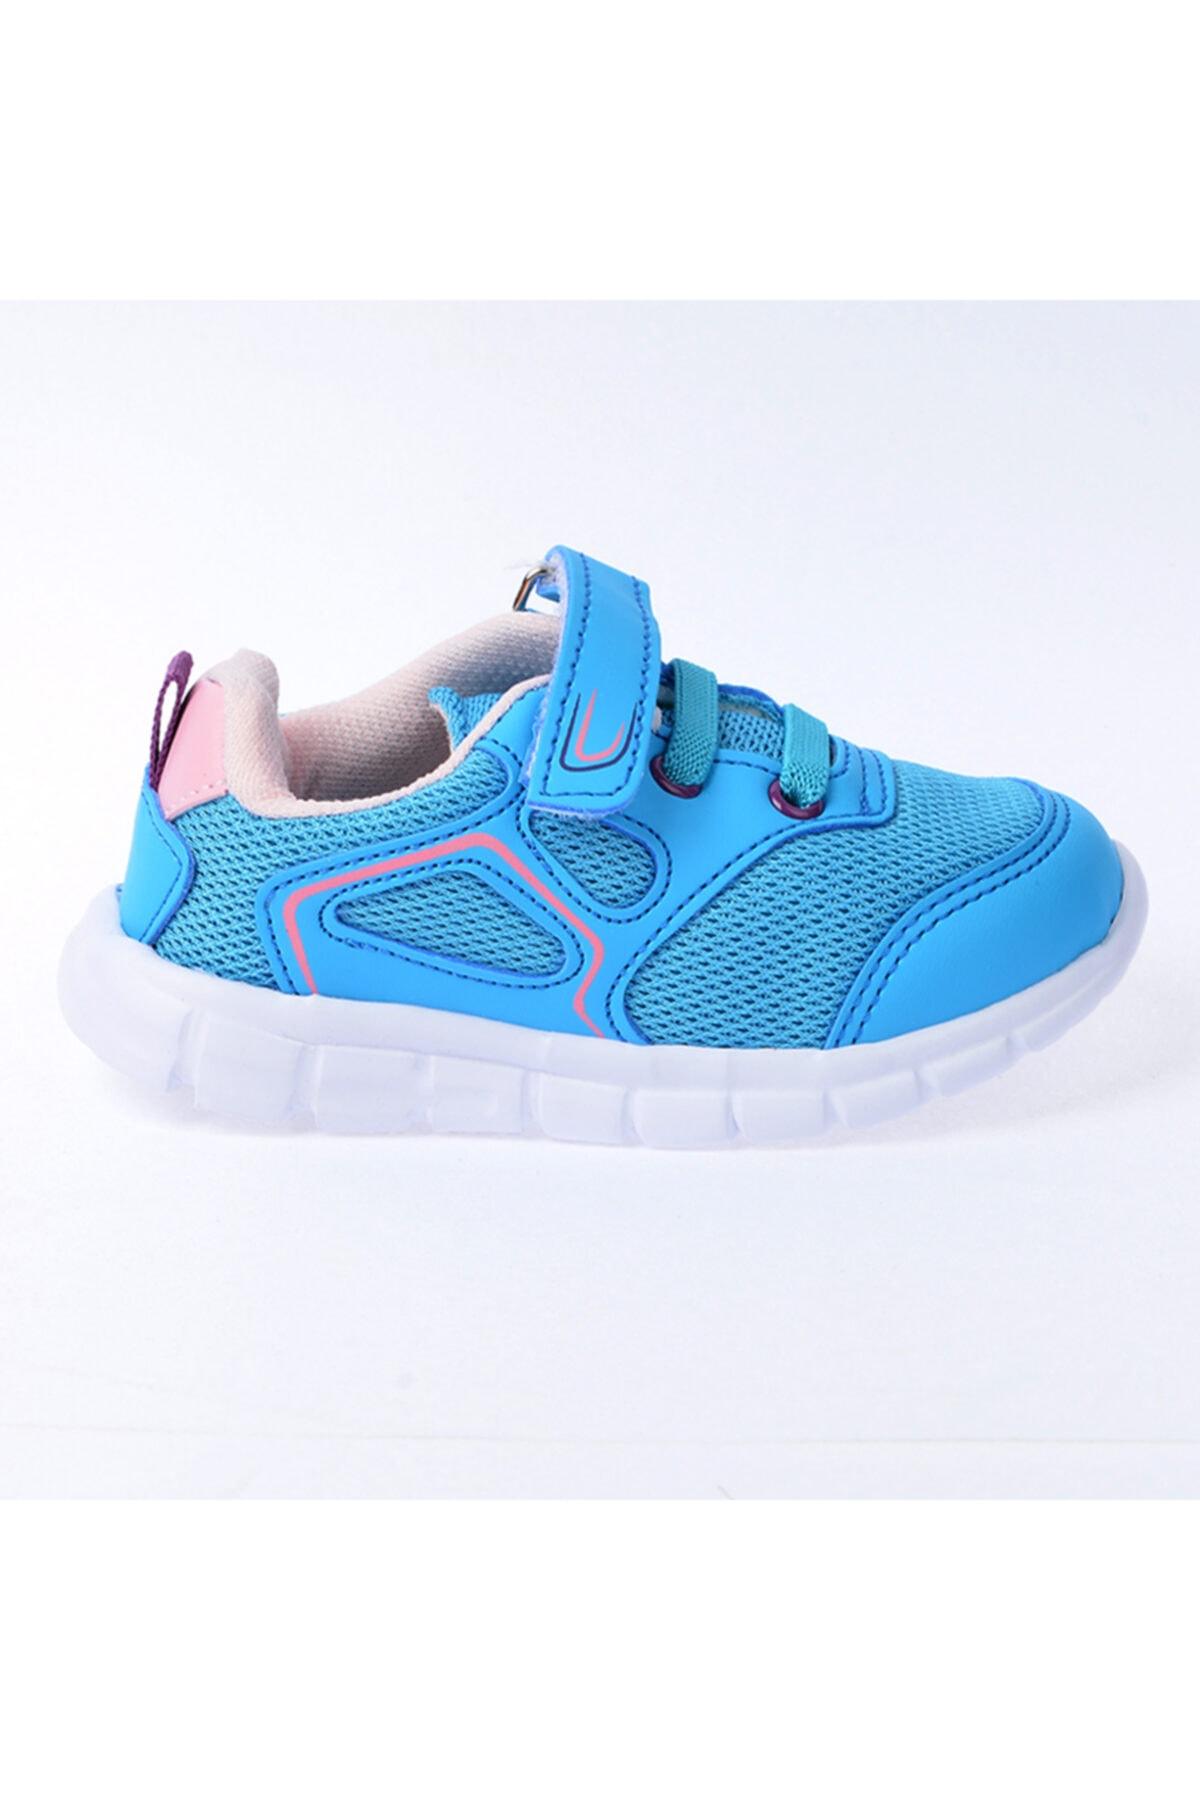 Kiko Kids Kız Erkek Çocuk Spor Ayakkabı 2